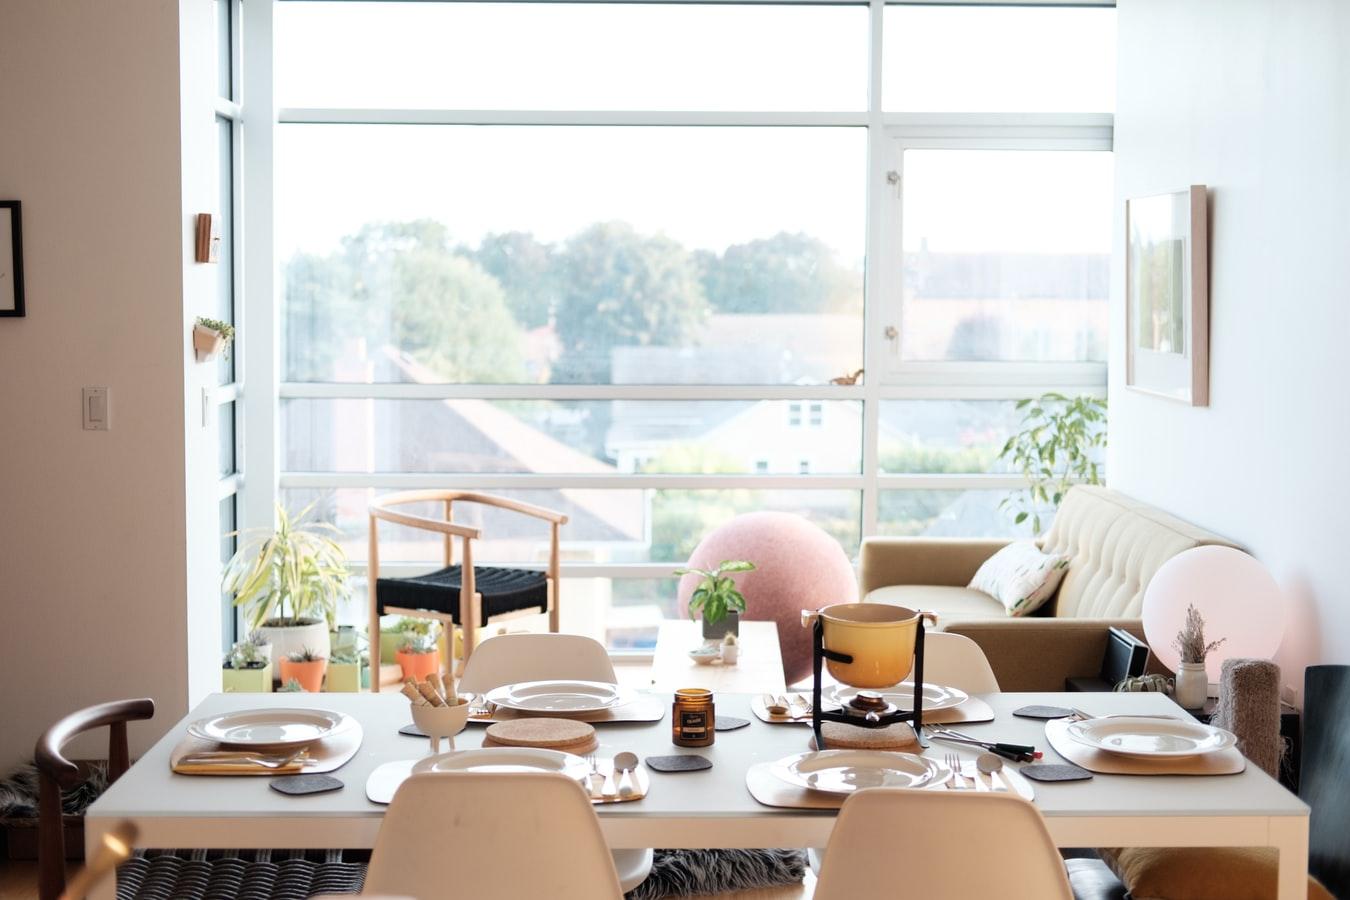 casa-sette-consigli-acquirenti